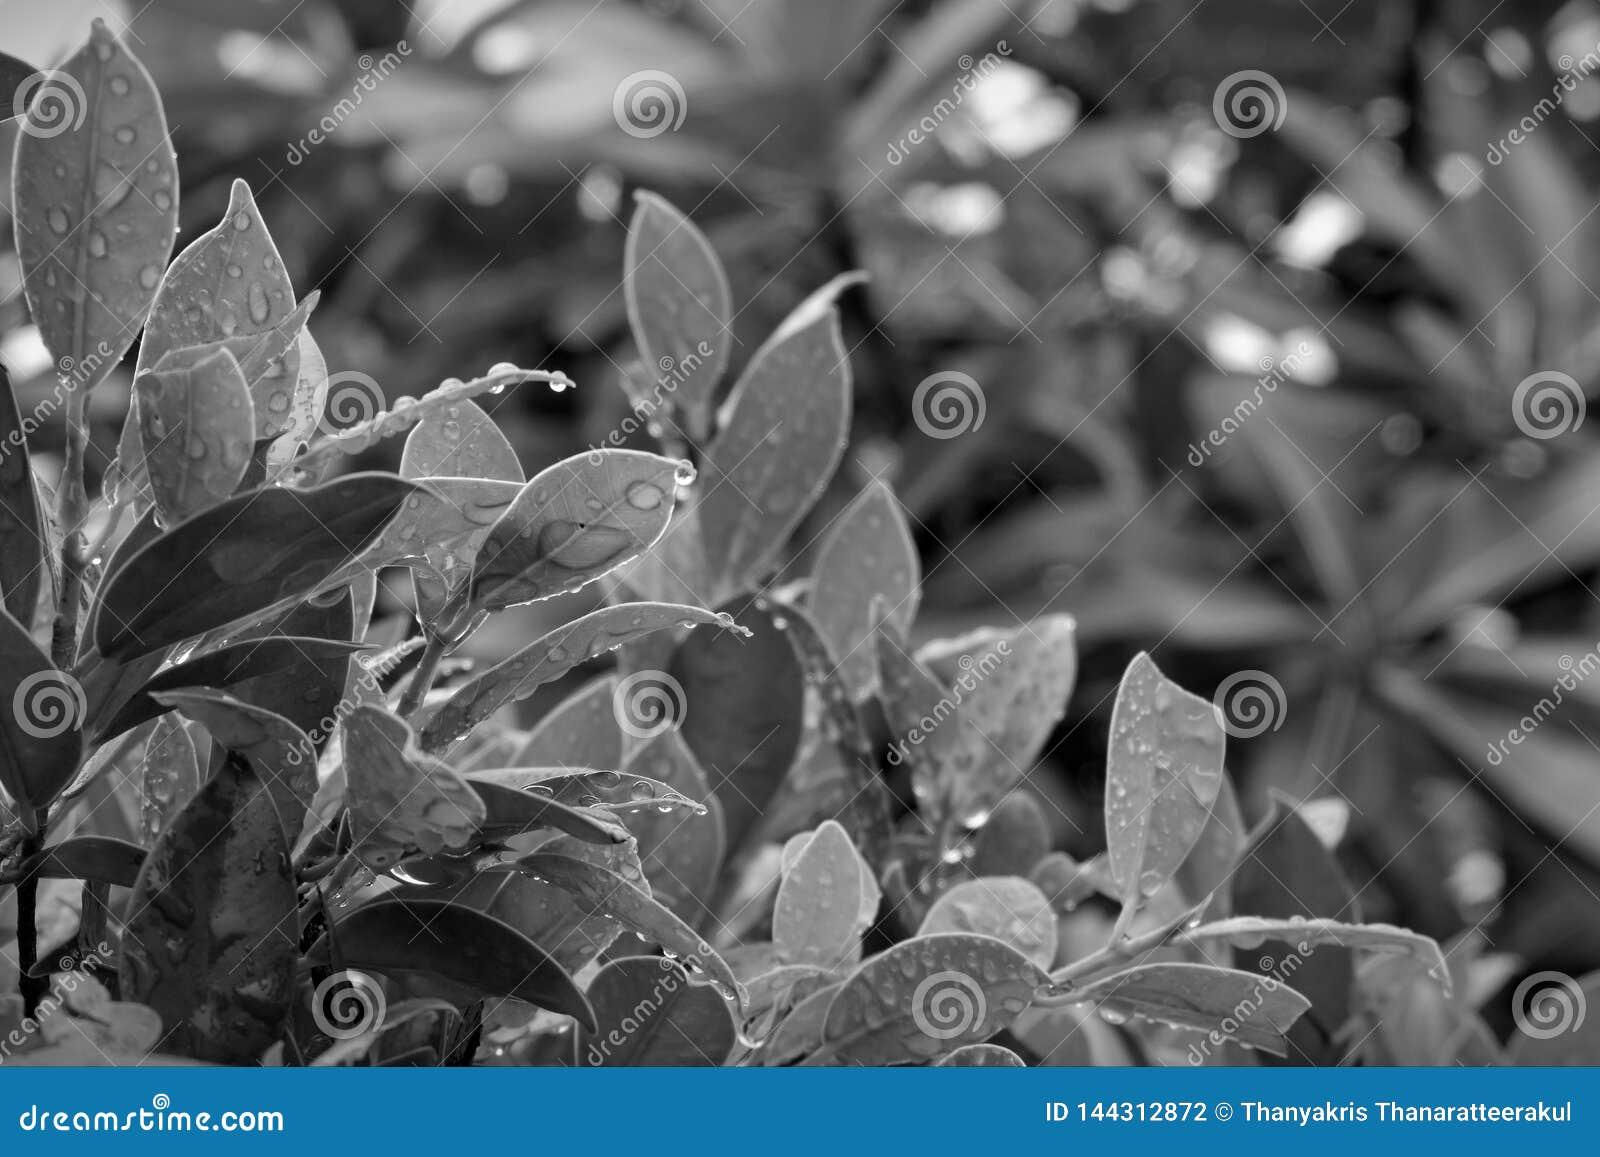 Imagens preto e branco das folhas após a chuva